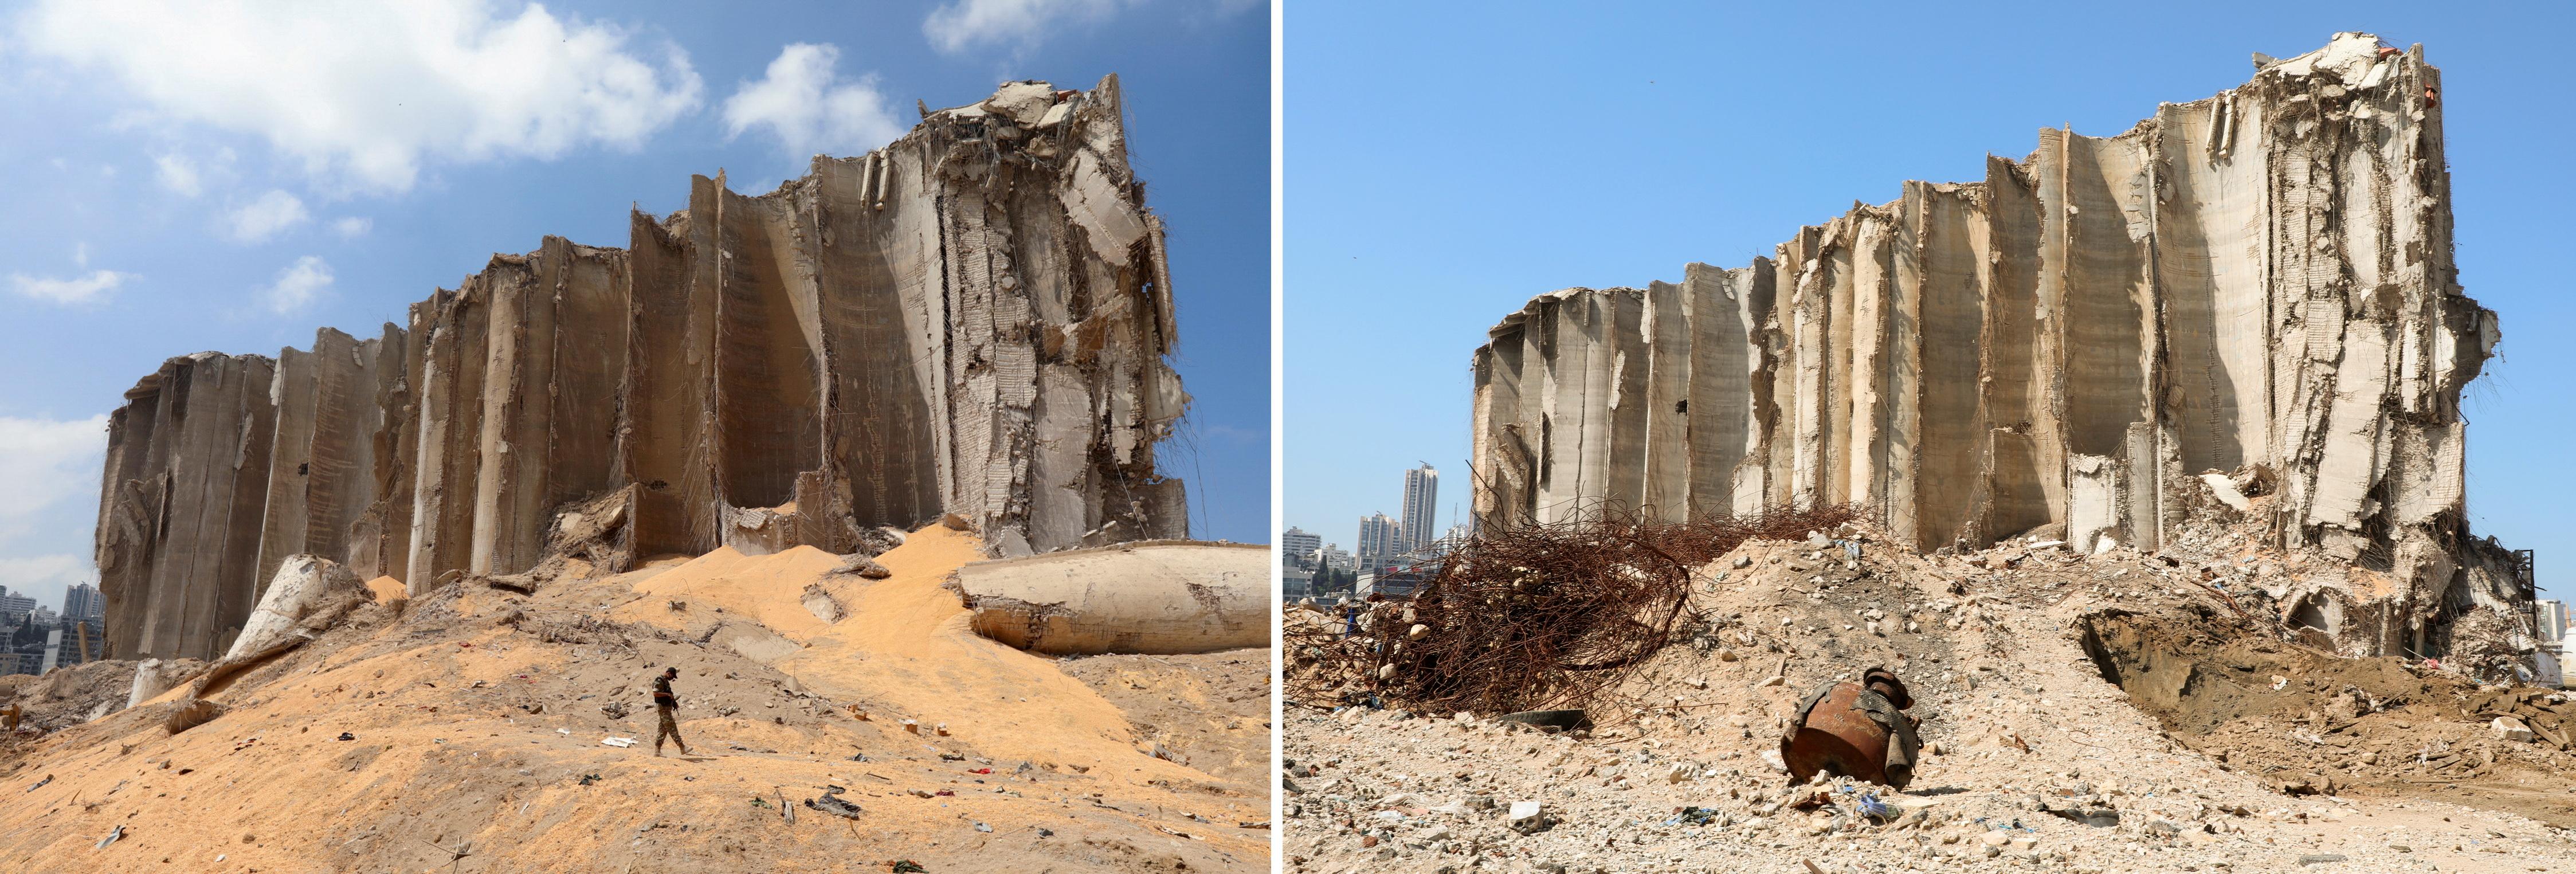 Una imagen combinada muestra el silo de granos que resultó dañado durante la explosión del 4 de agosto en el puerto de Beirut, filmado el 7 de agosto de 2020 y la misma área después de casi un año desde la explosión, Líbano el 13 de julio de 2021. REUTERS / Mohamed Azakir